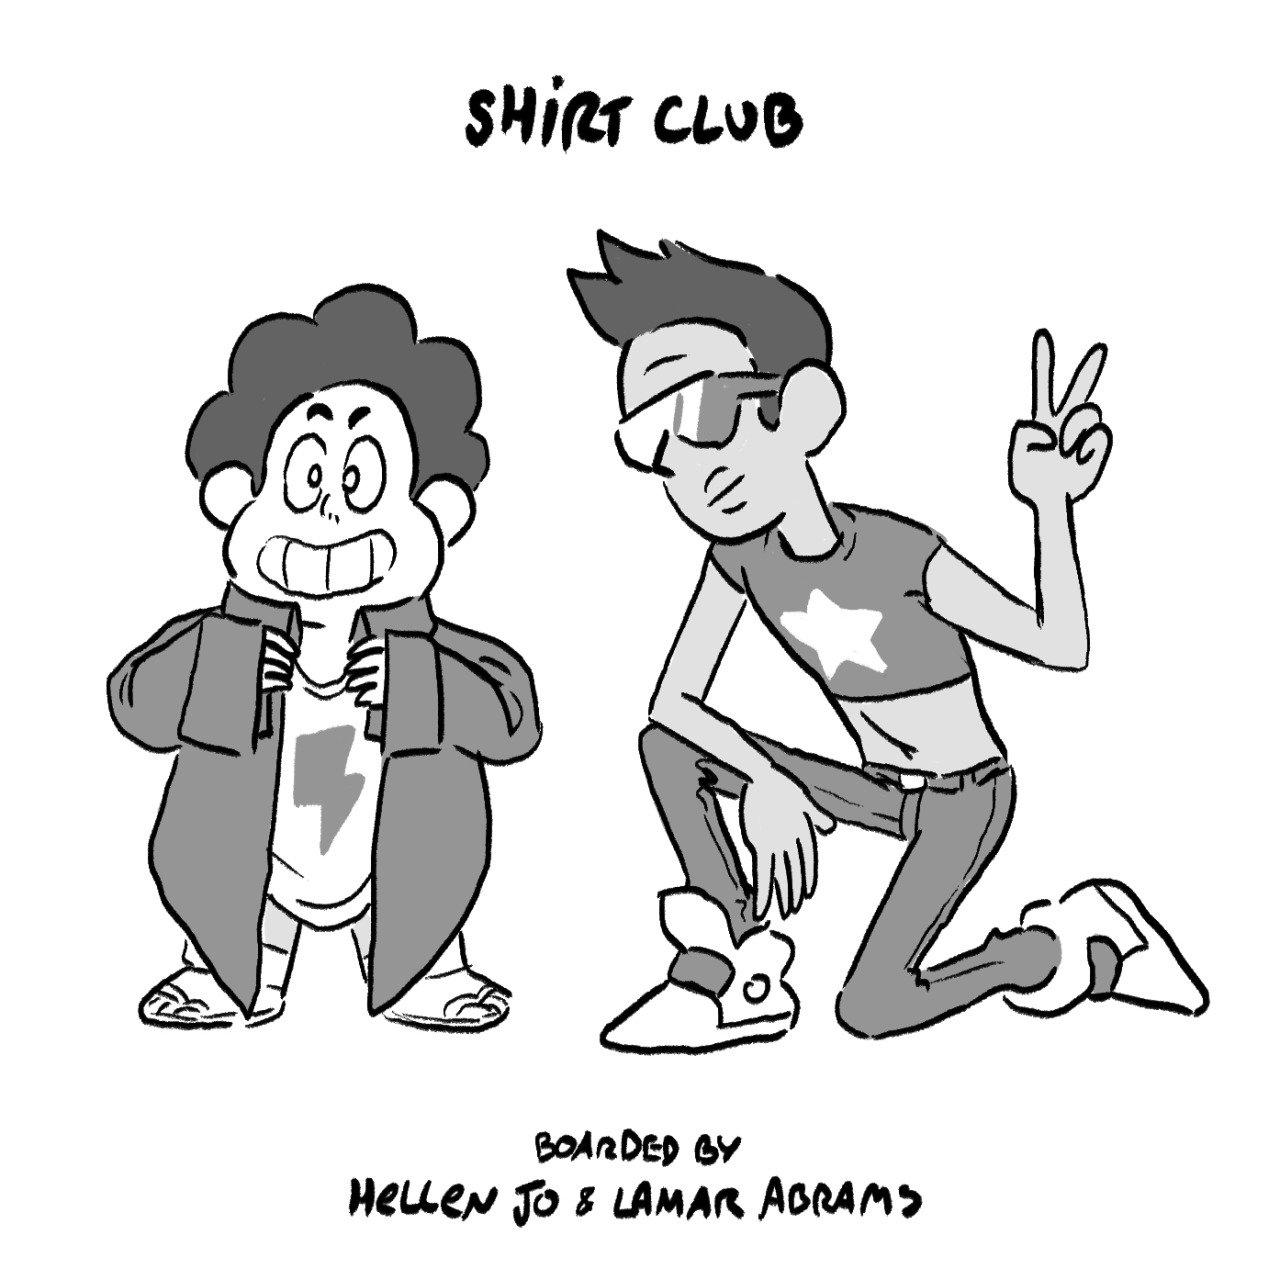 Steven universe comp 15 for Dive bar shirt club promotion codes